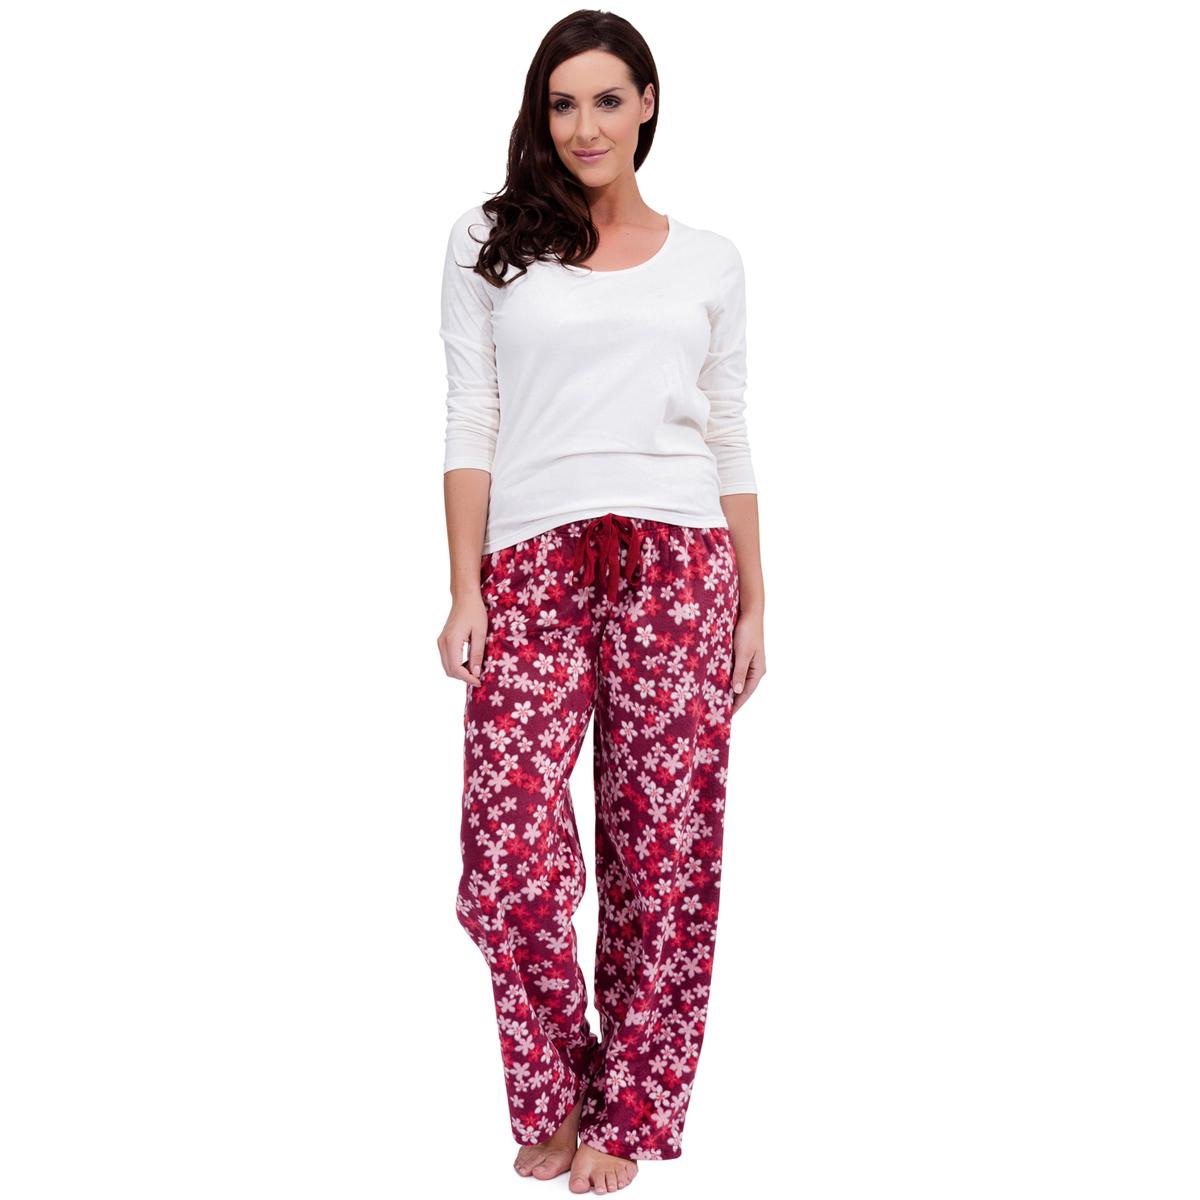 0160d7f8d8 Womens Warm Fleece Winter PJ Pyjama Set Night Wear PJ s Pyjamas Sets Ladies